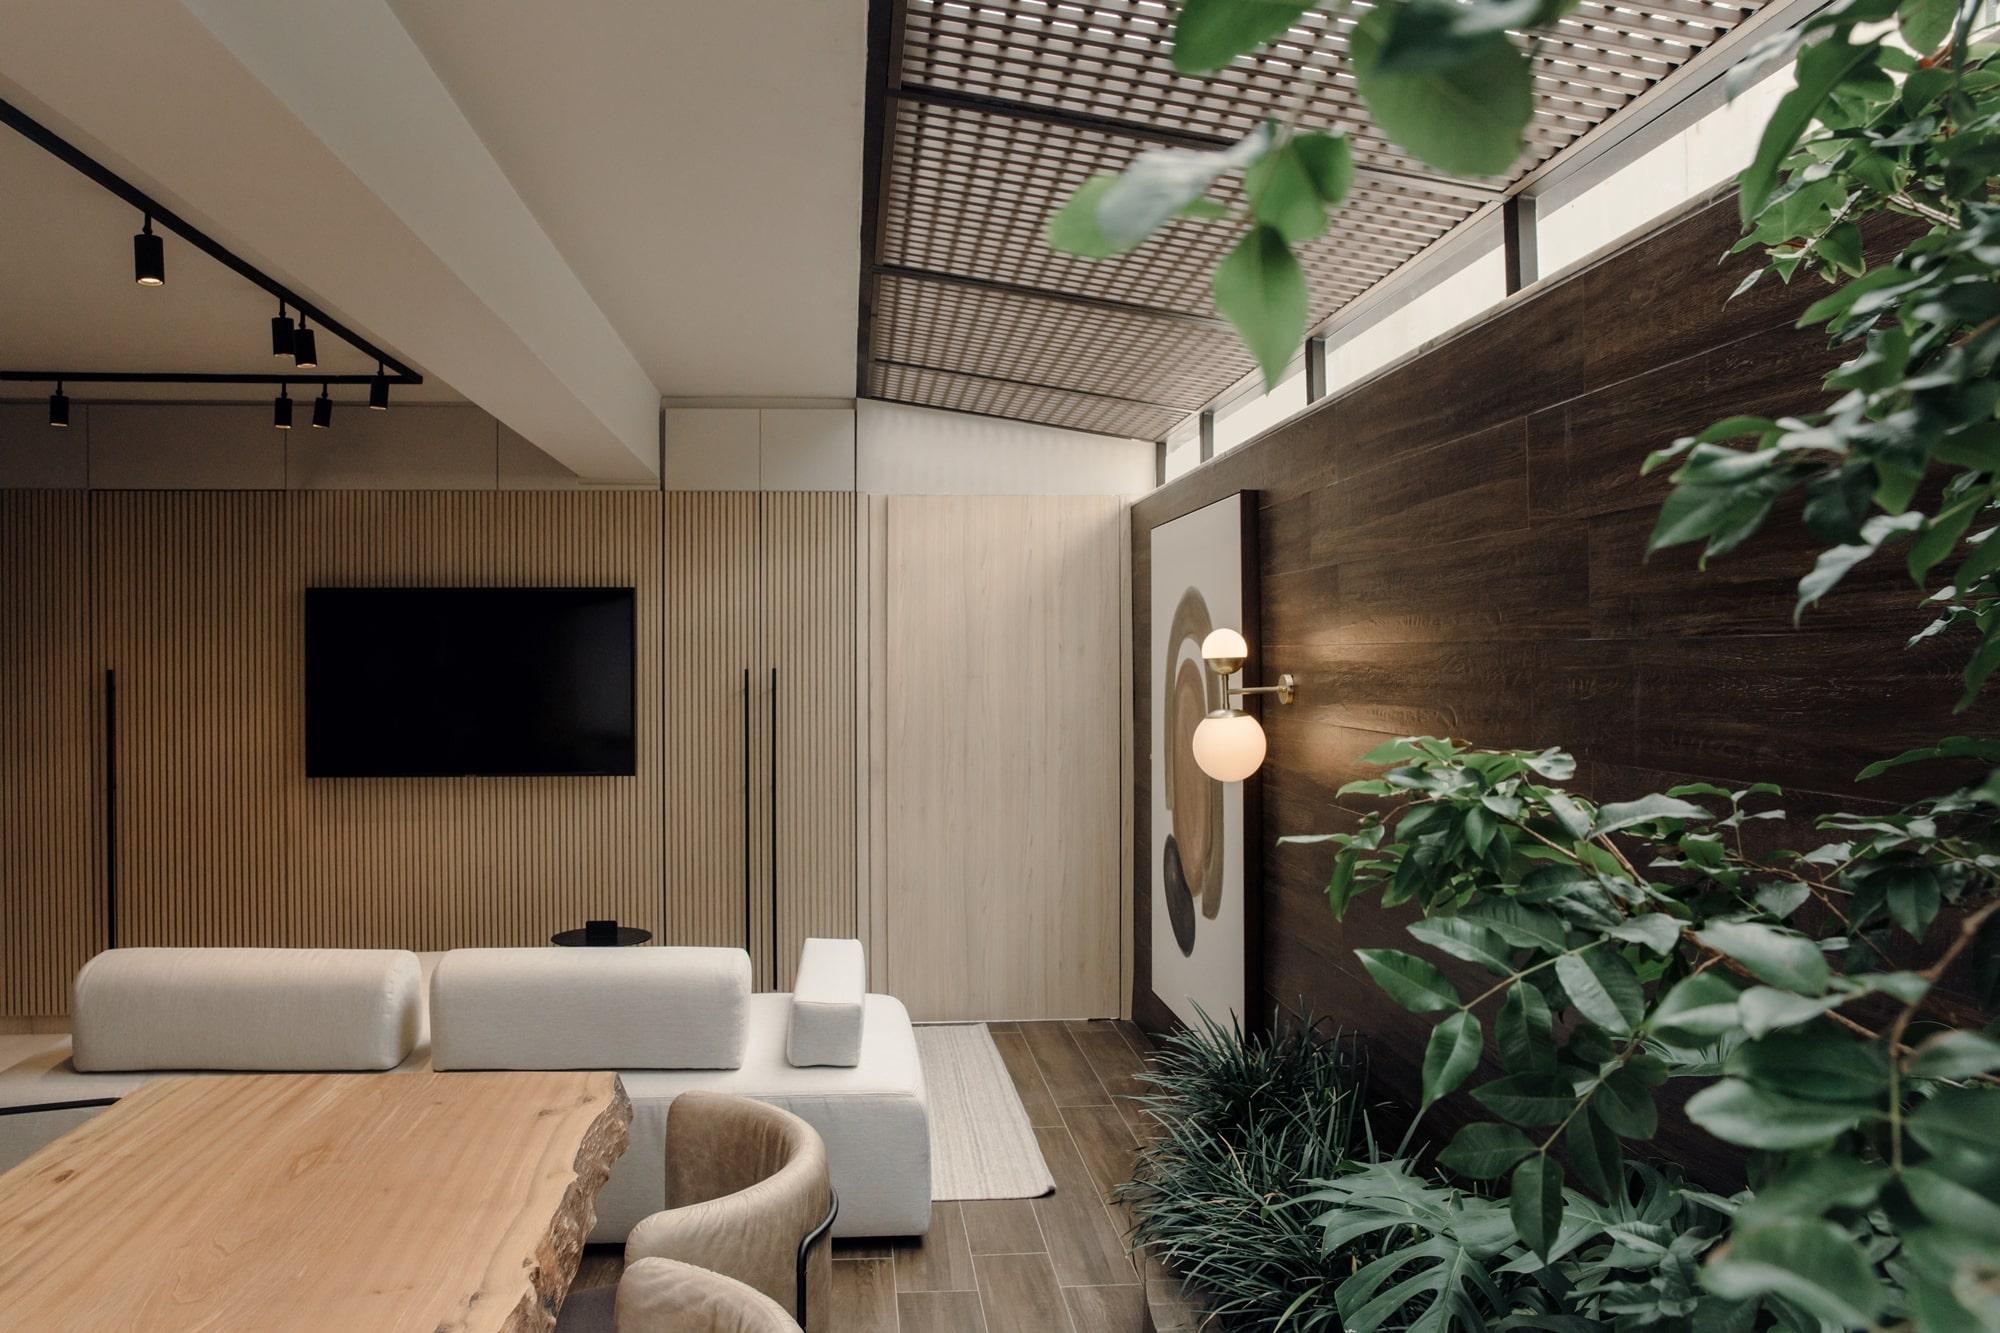 Luz costura entre brises e desenha as superfícies do apartamento LODZ